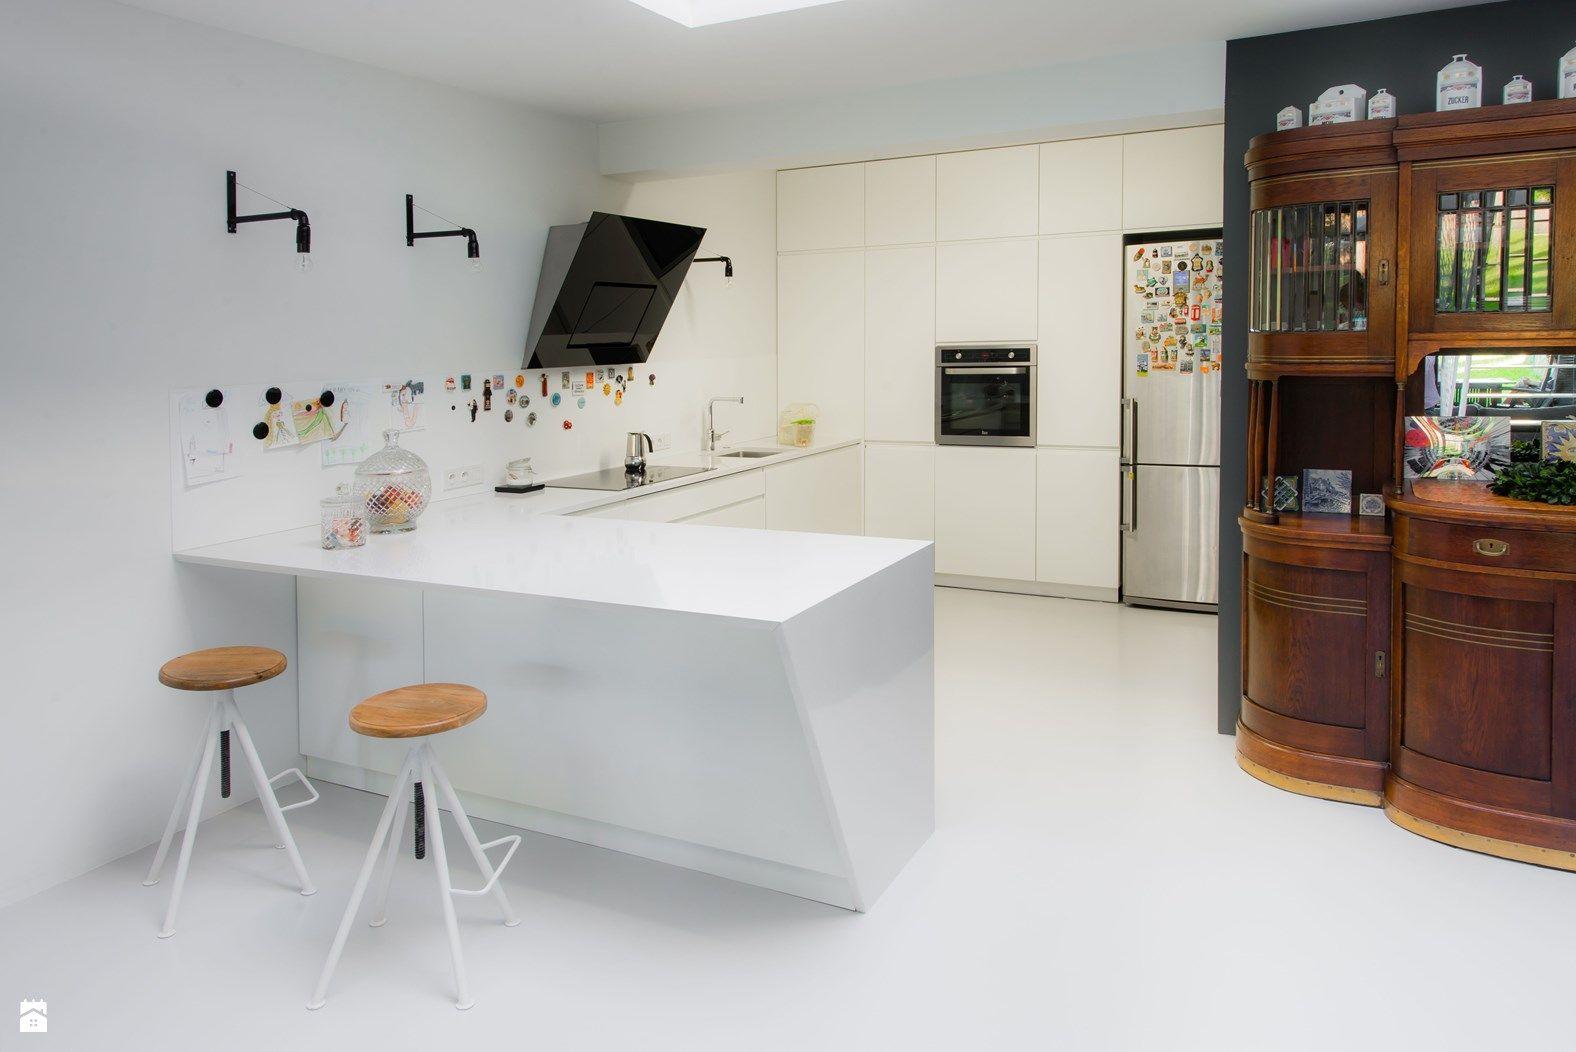 Kuchnia styl Eklektyczny - zdjęcie od BRO.KAT - Kuchnia - Styl Eklektyczny - BRO.KAT